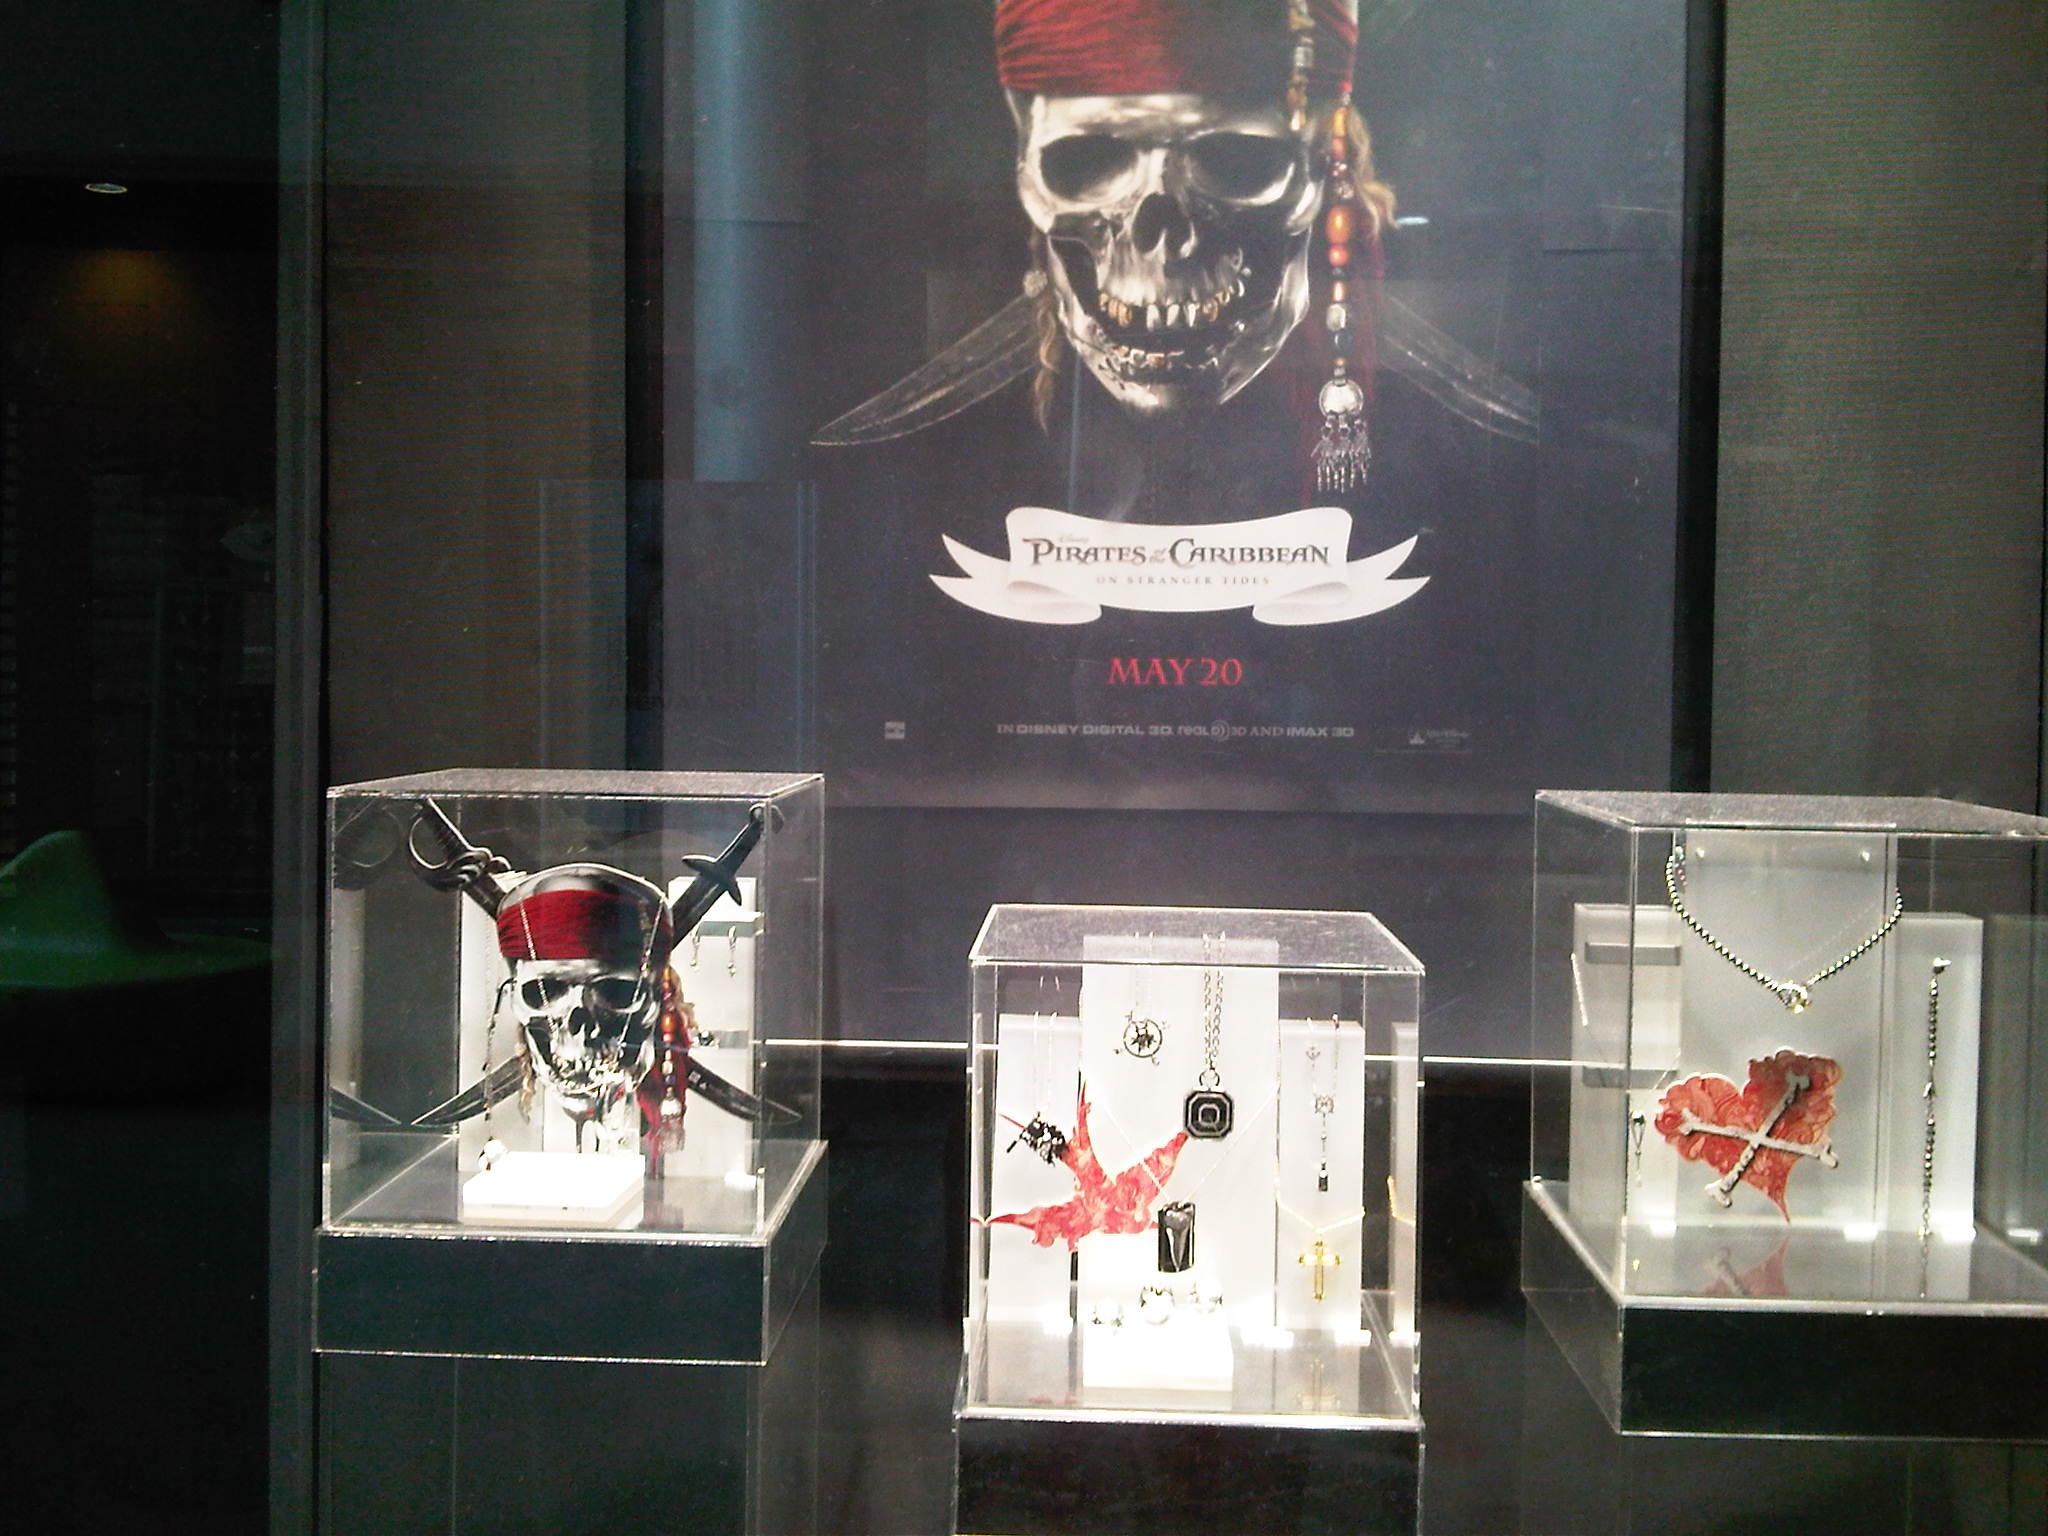 Swarovski lanza una colección de Piratas del Caribe